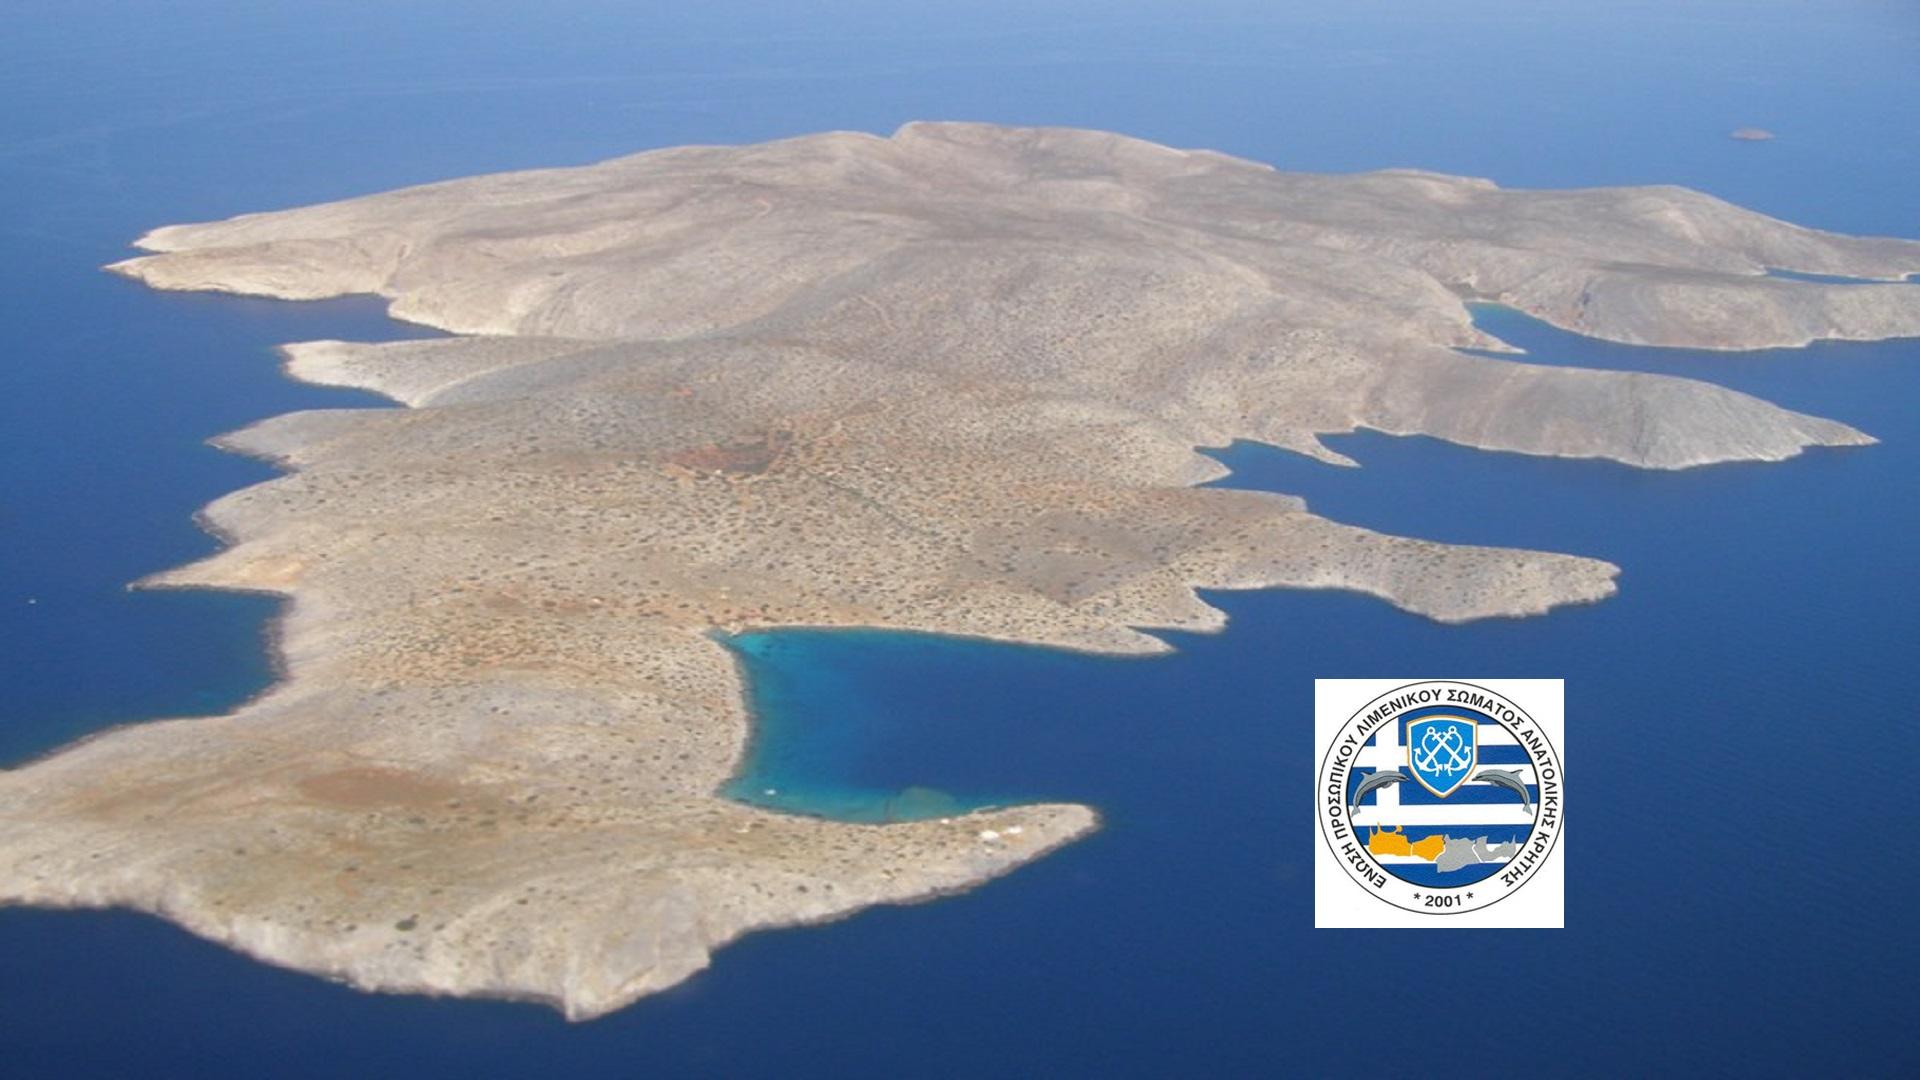 """Καθαρισμός ακτών Νησίδας """"Ντία"""" από την ΕΠΛΣ Αν. Κρήτης"""